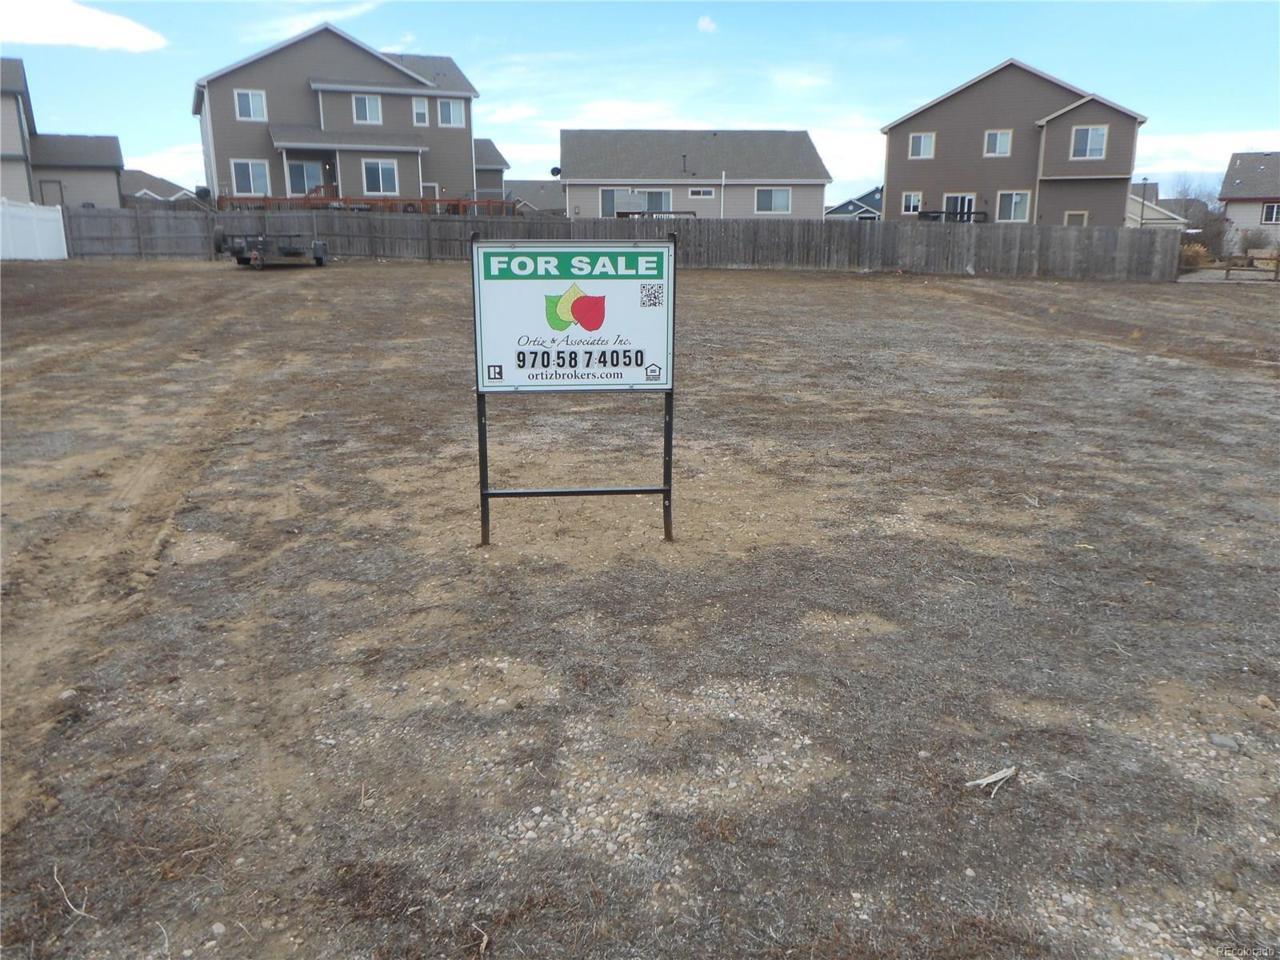 300 Kirkland Lane, Johnstown, CO 80534 (MLS #9391120) :: 8z Real Estate